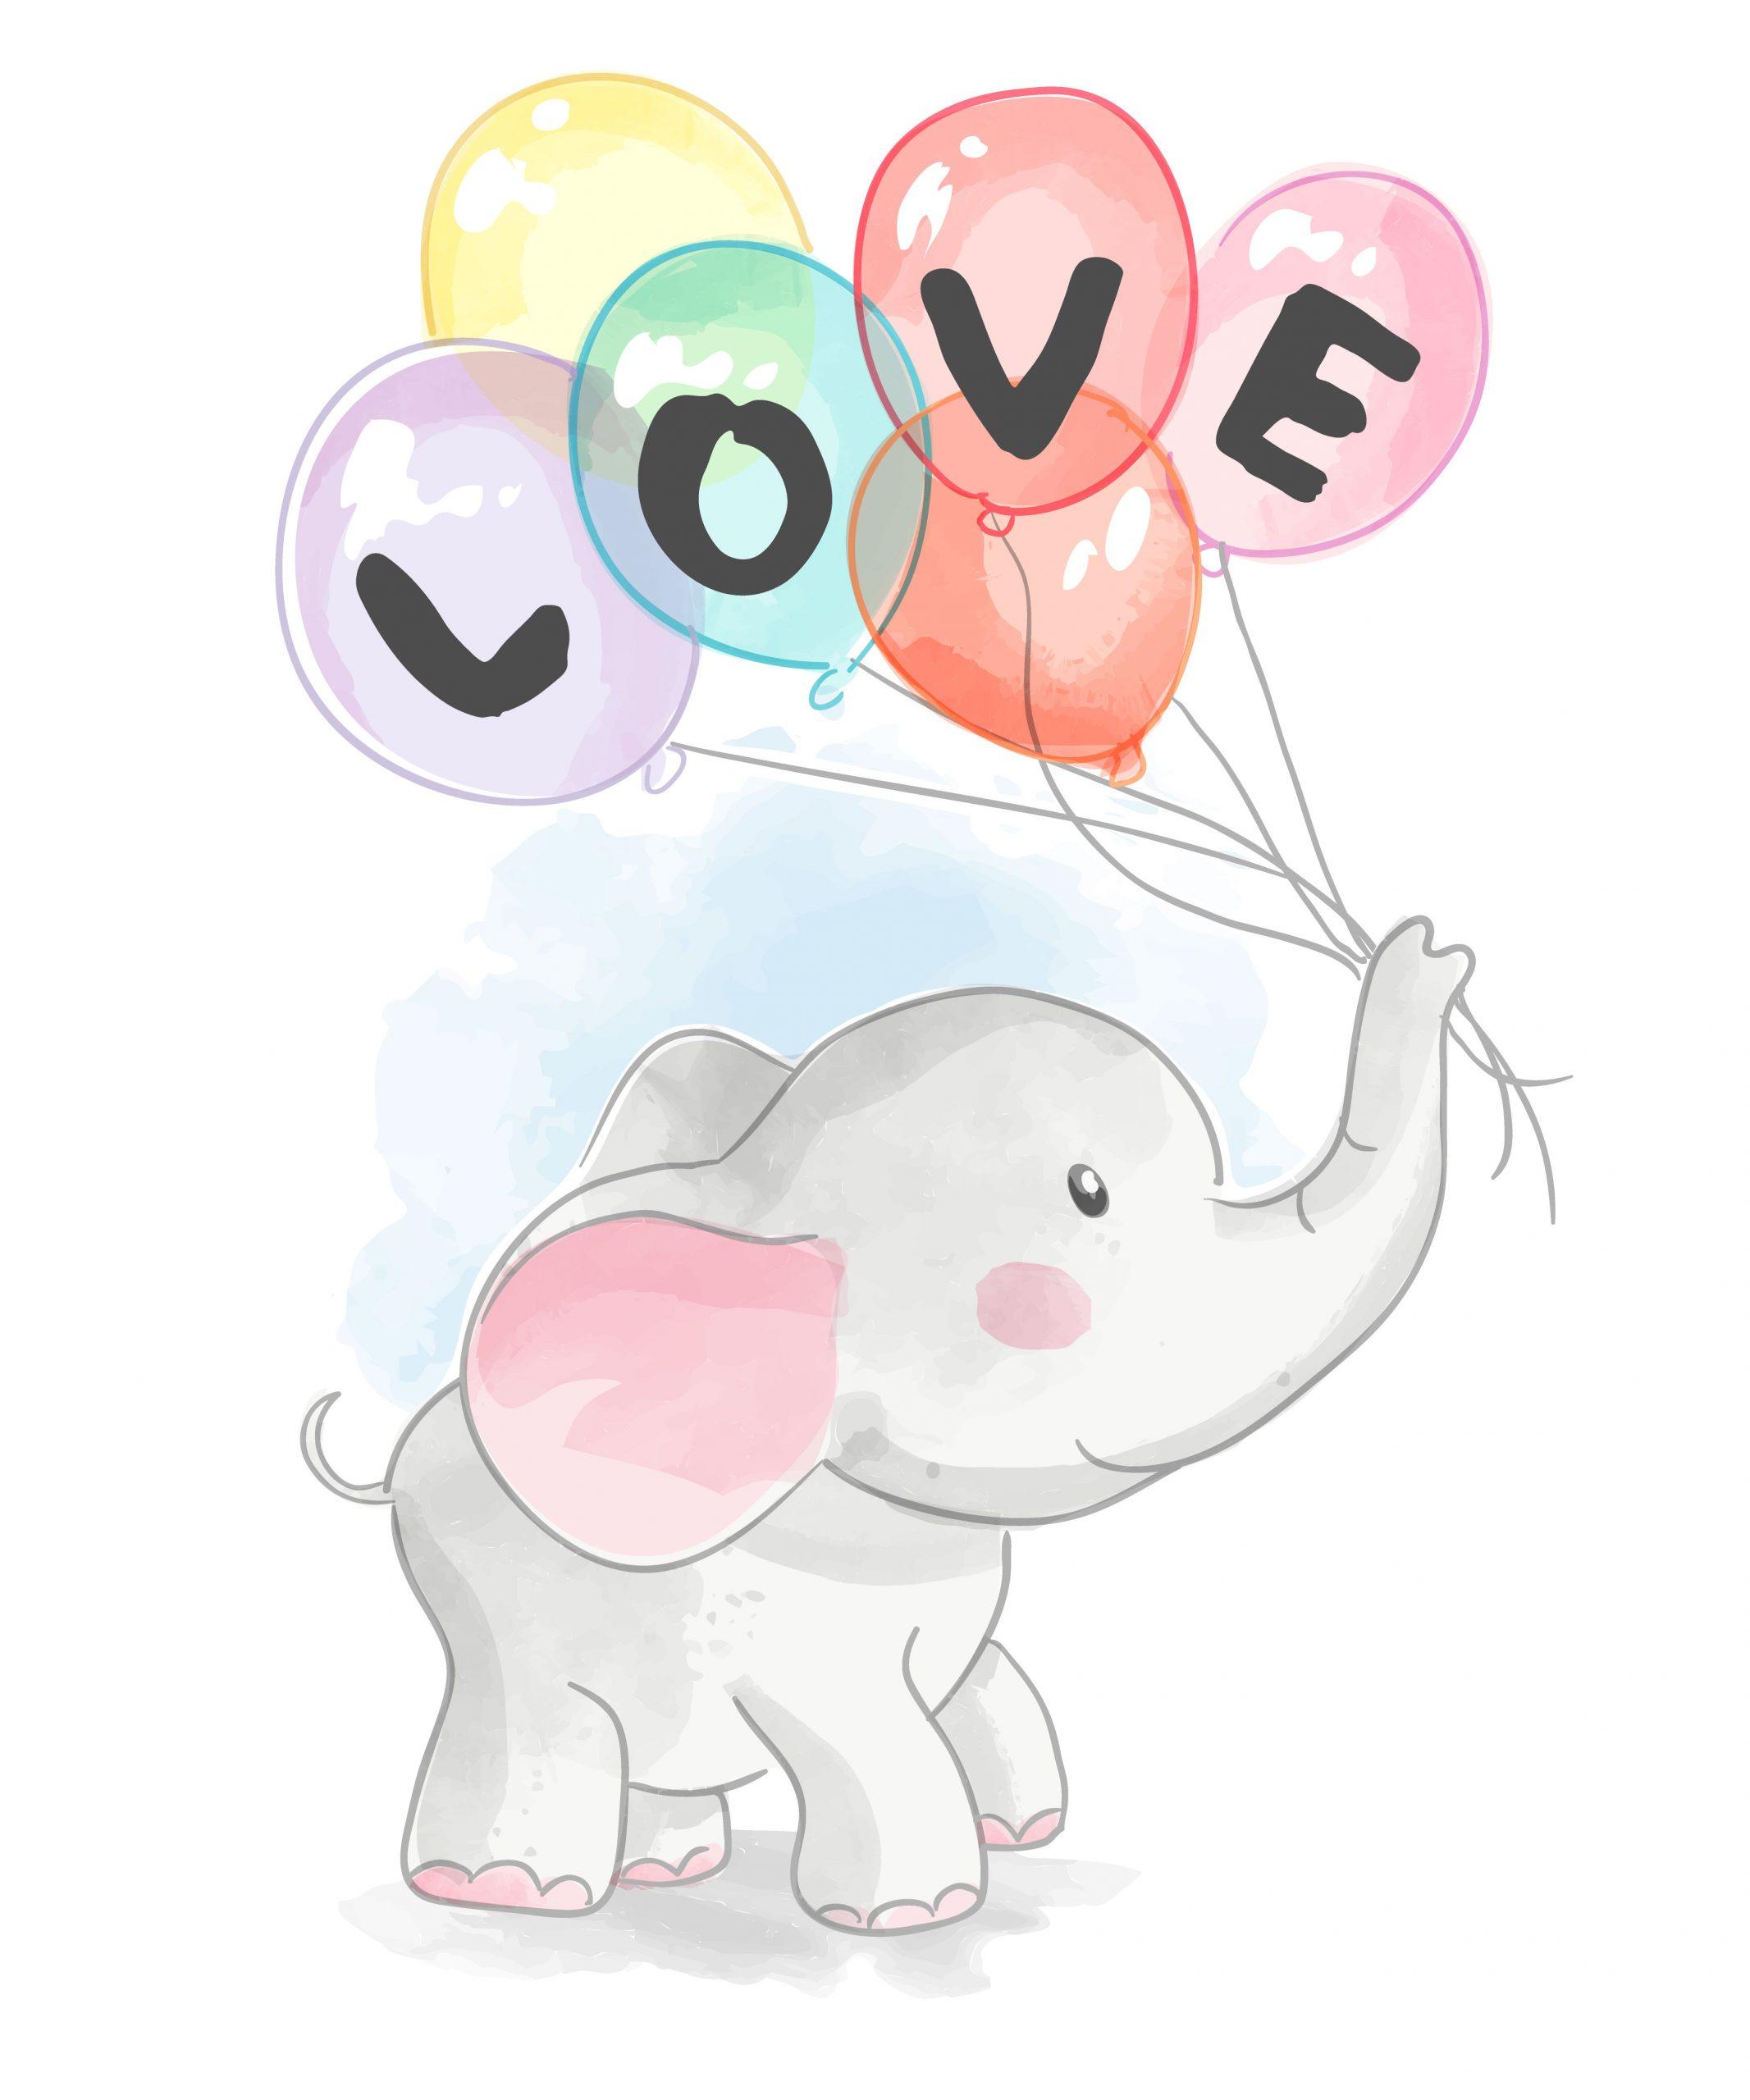 Éléphant De Dessin Animé Tenant Des Ballons D'amour encequiconcerne Minou Dessin